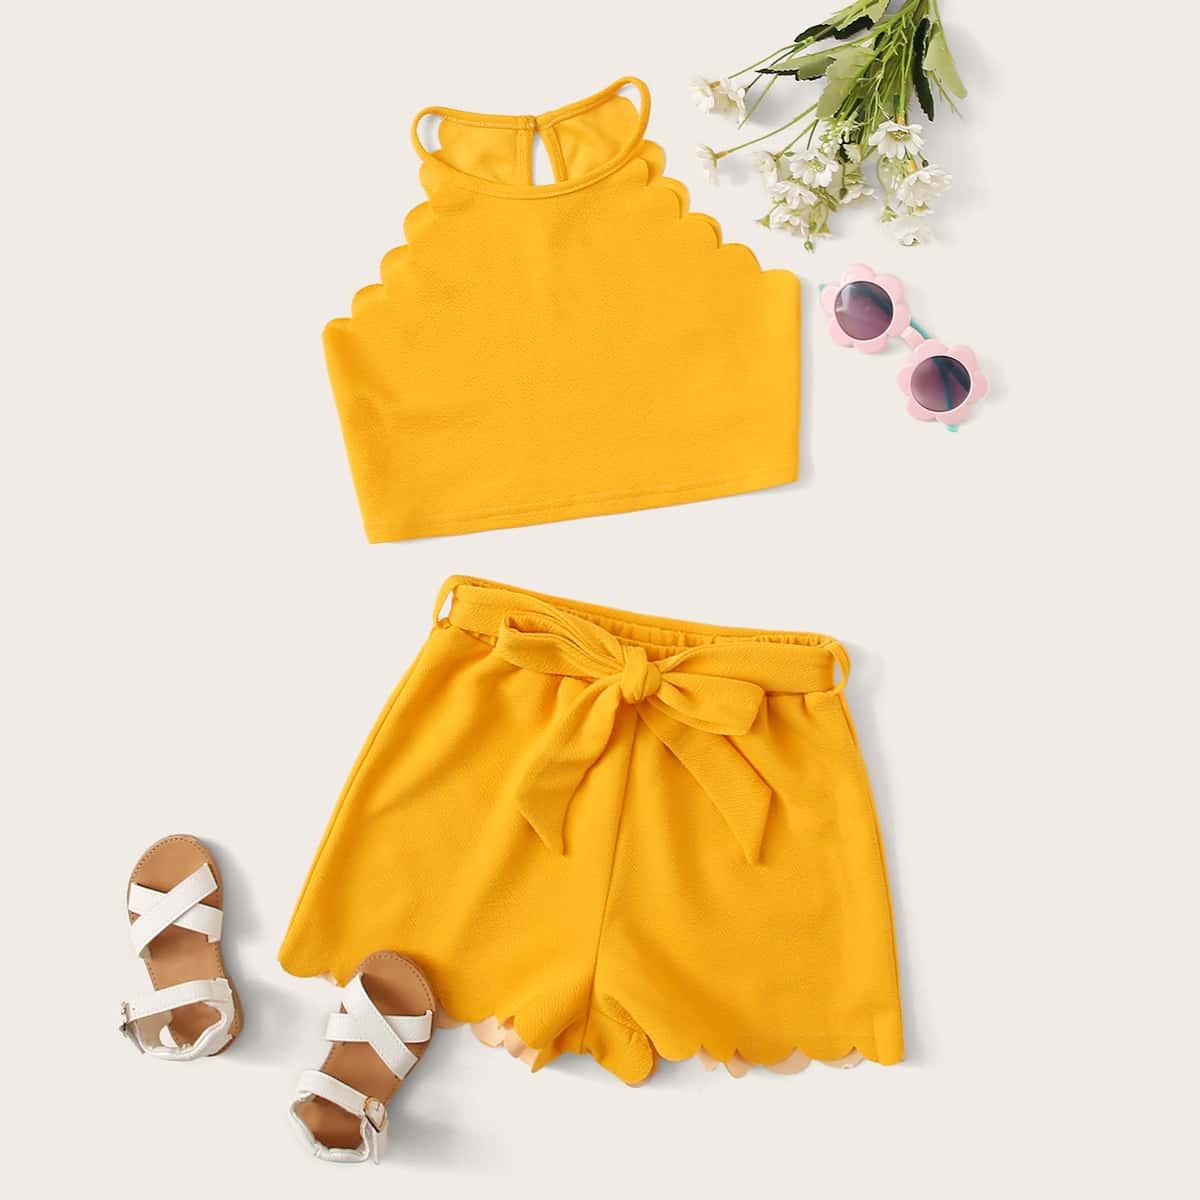 SHEIN / Mädchen Top mit Neckholder und Shorts Set mit Gürtel